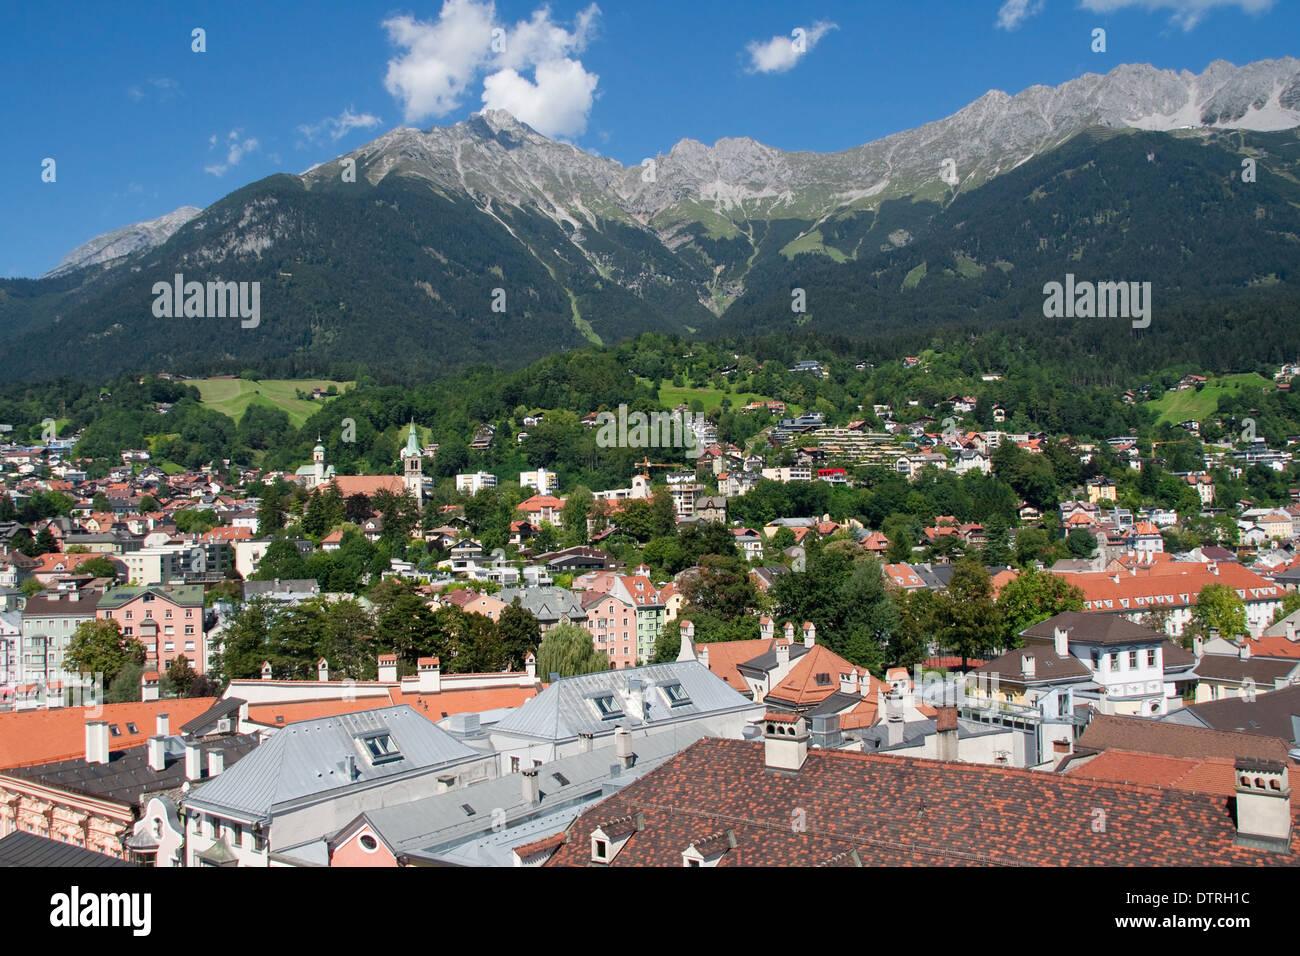 Cultural Landscape of Innsbruck-Nordkette/Karwendel. - Stock Image